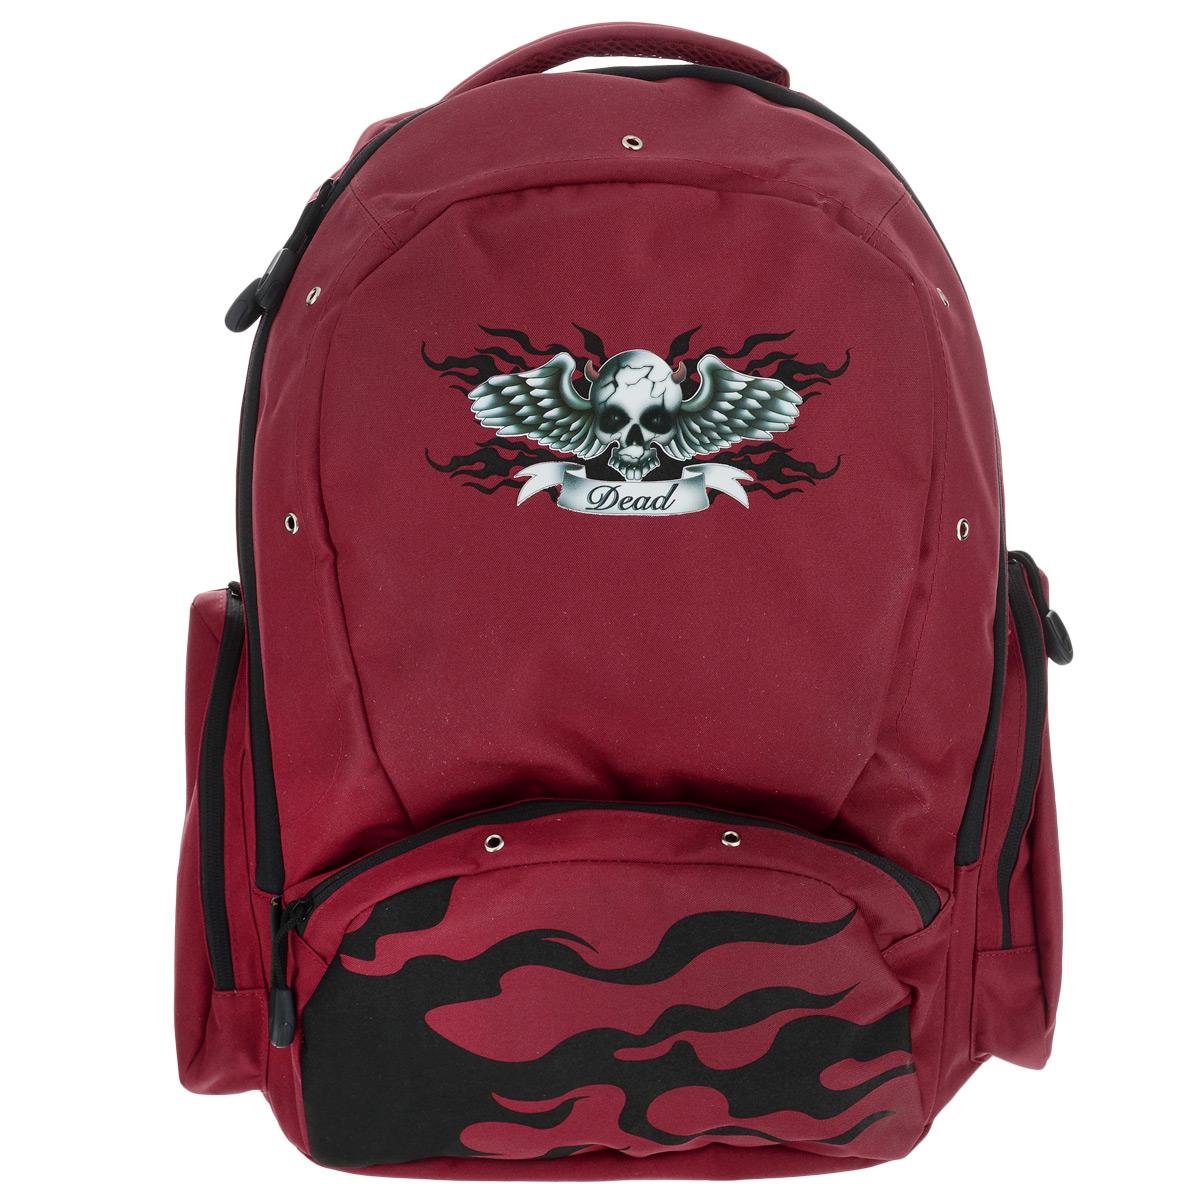 Рюкзак школьный Tiger Enterprise Babylon, цвет: красный, черный72523WDСтильный школьный рюкзак Tiger Family Babylon - это красивый и удобный рюкзак, который подойдет всем, кто хочет разнообразить свои школьные будни. Благодаря анатомической рельефной спинке, повторяющей контур спины и двум эргономичным плечевым ремням, длина которых регулируется, у ребенка не возникнут проблемы с позвоночником. Ранец, выполненный из антибактериального, водоотталкивающего и не выгорающего на солнце материала, оформлен аппликацией и люверсами.Рюкзак имеет одно большое отделение, которое закрывается на молнию. Внутри большого отделения расположен накладной карман на резинке и маленький кармашек на молнии. По бокам рюкзака расположены два внешних кармана на молнии. Изделие оснащено удобной ручкой для переноски в руках. Эргономичный школьный рюкзак Tiger Family Babylon станет незаменимым спутником вашего ребенка в походах за знаниями.